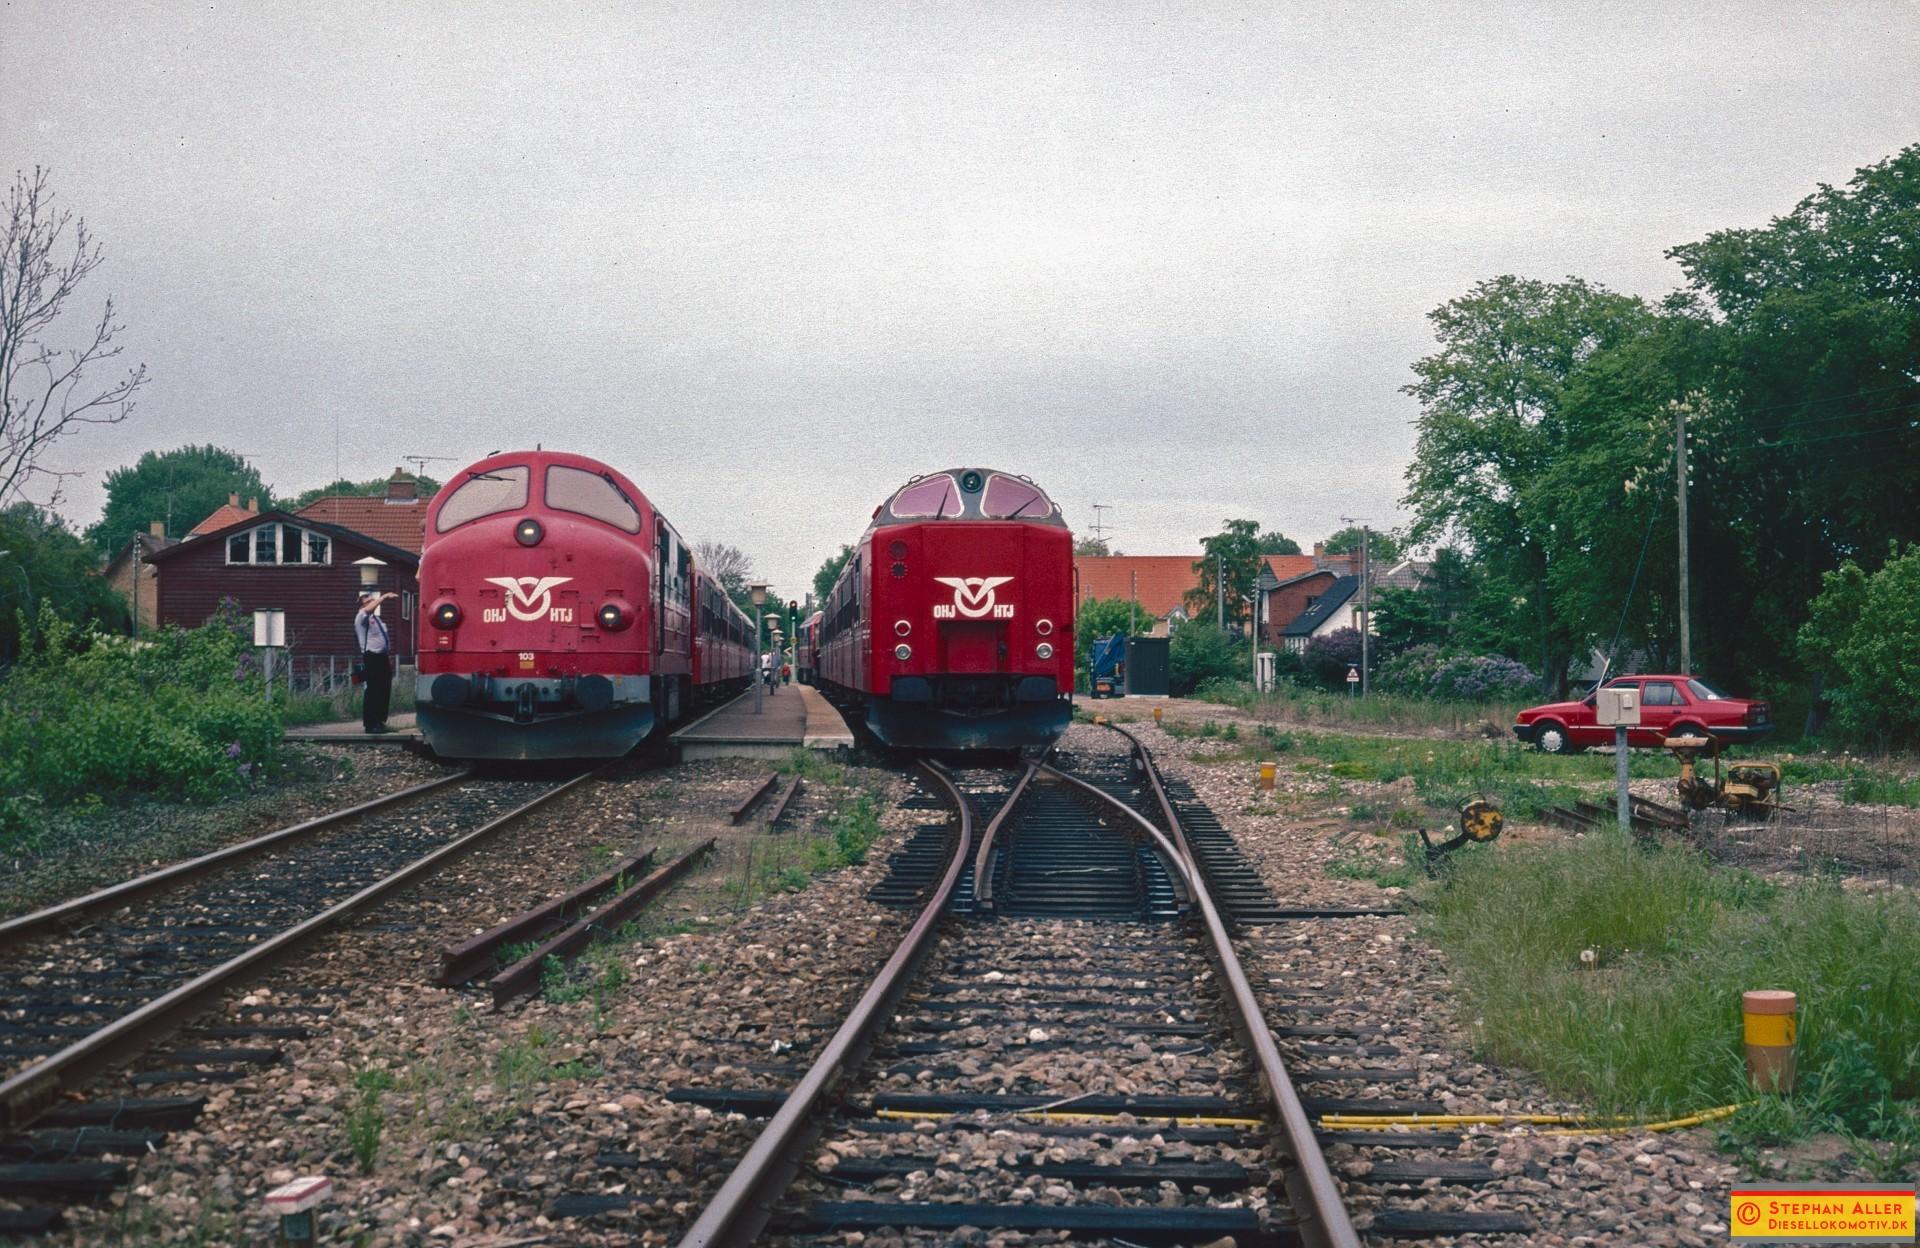 FP1313r